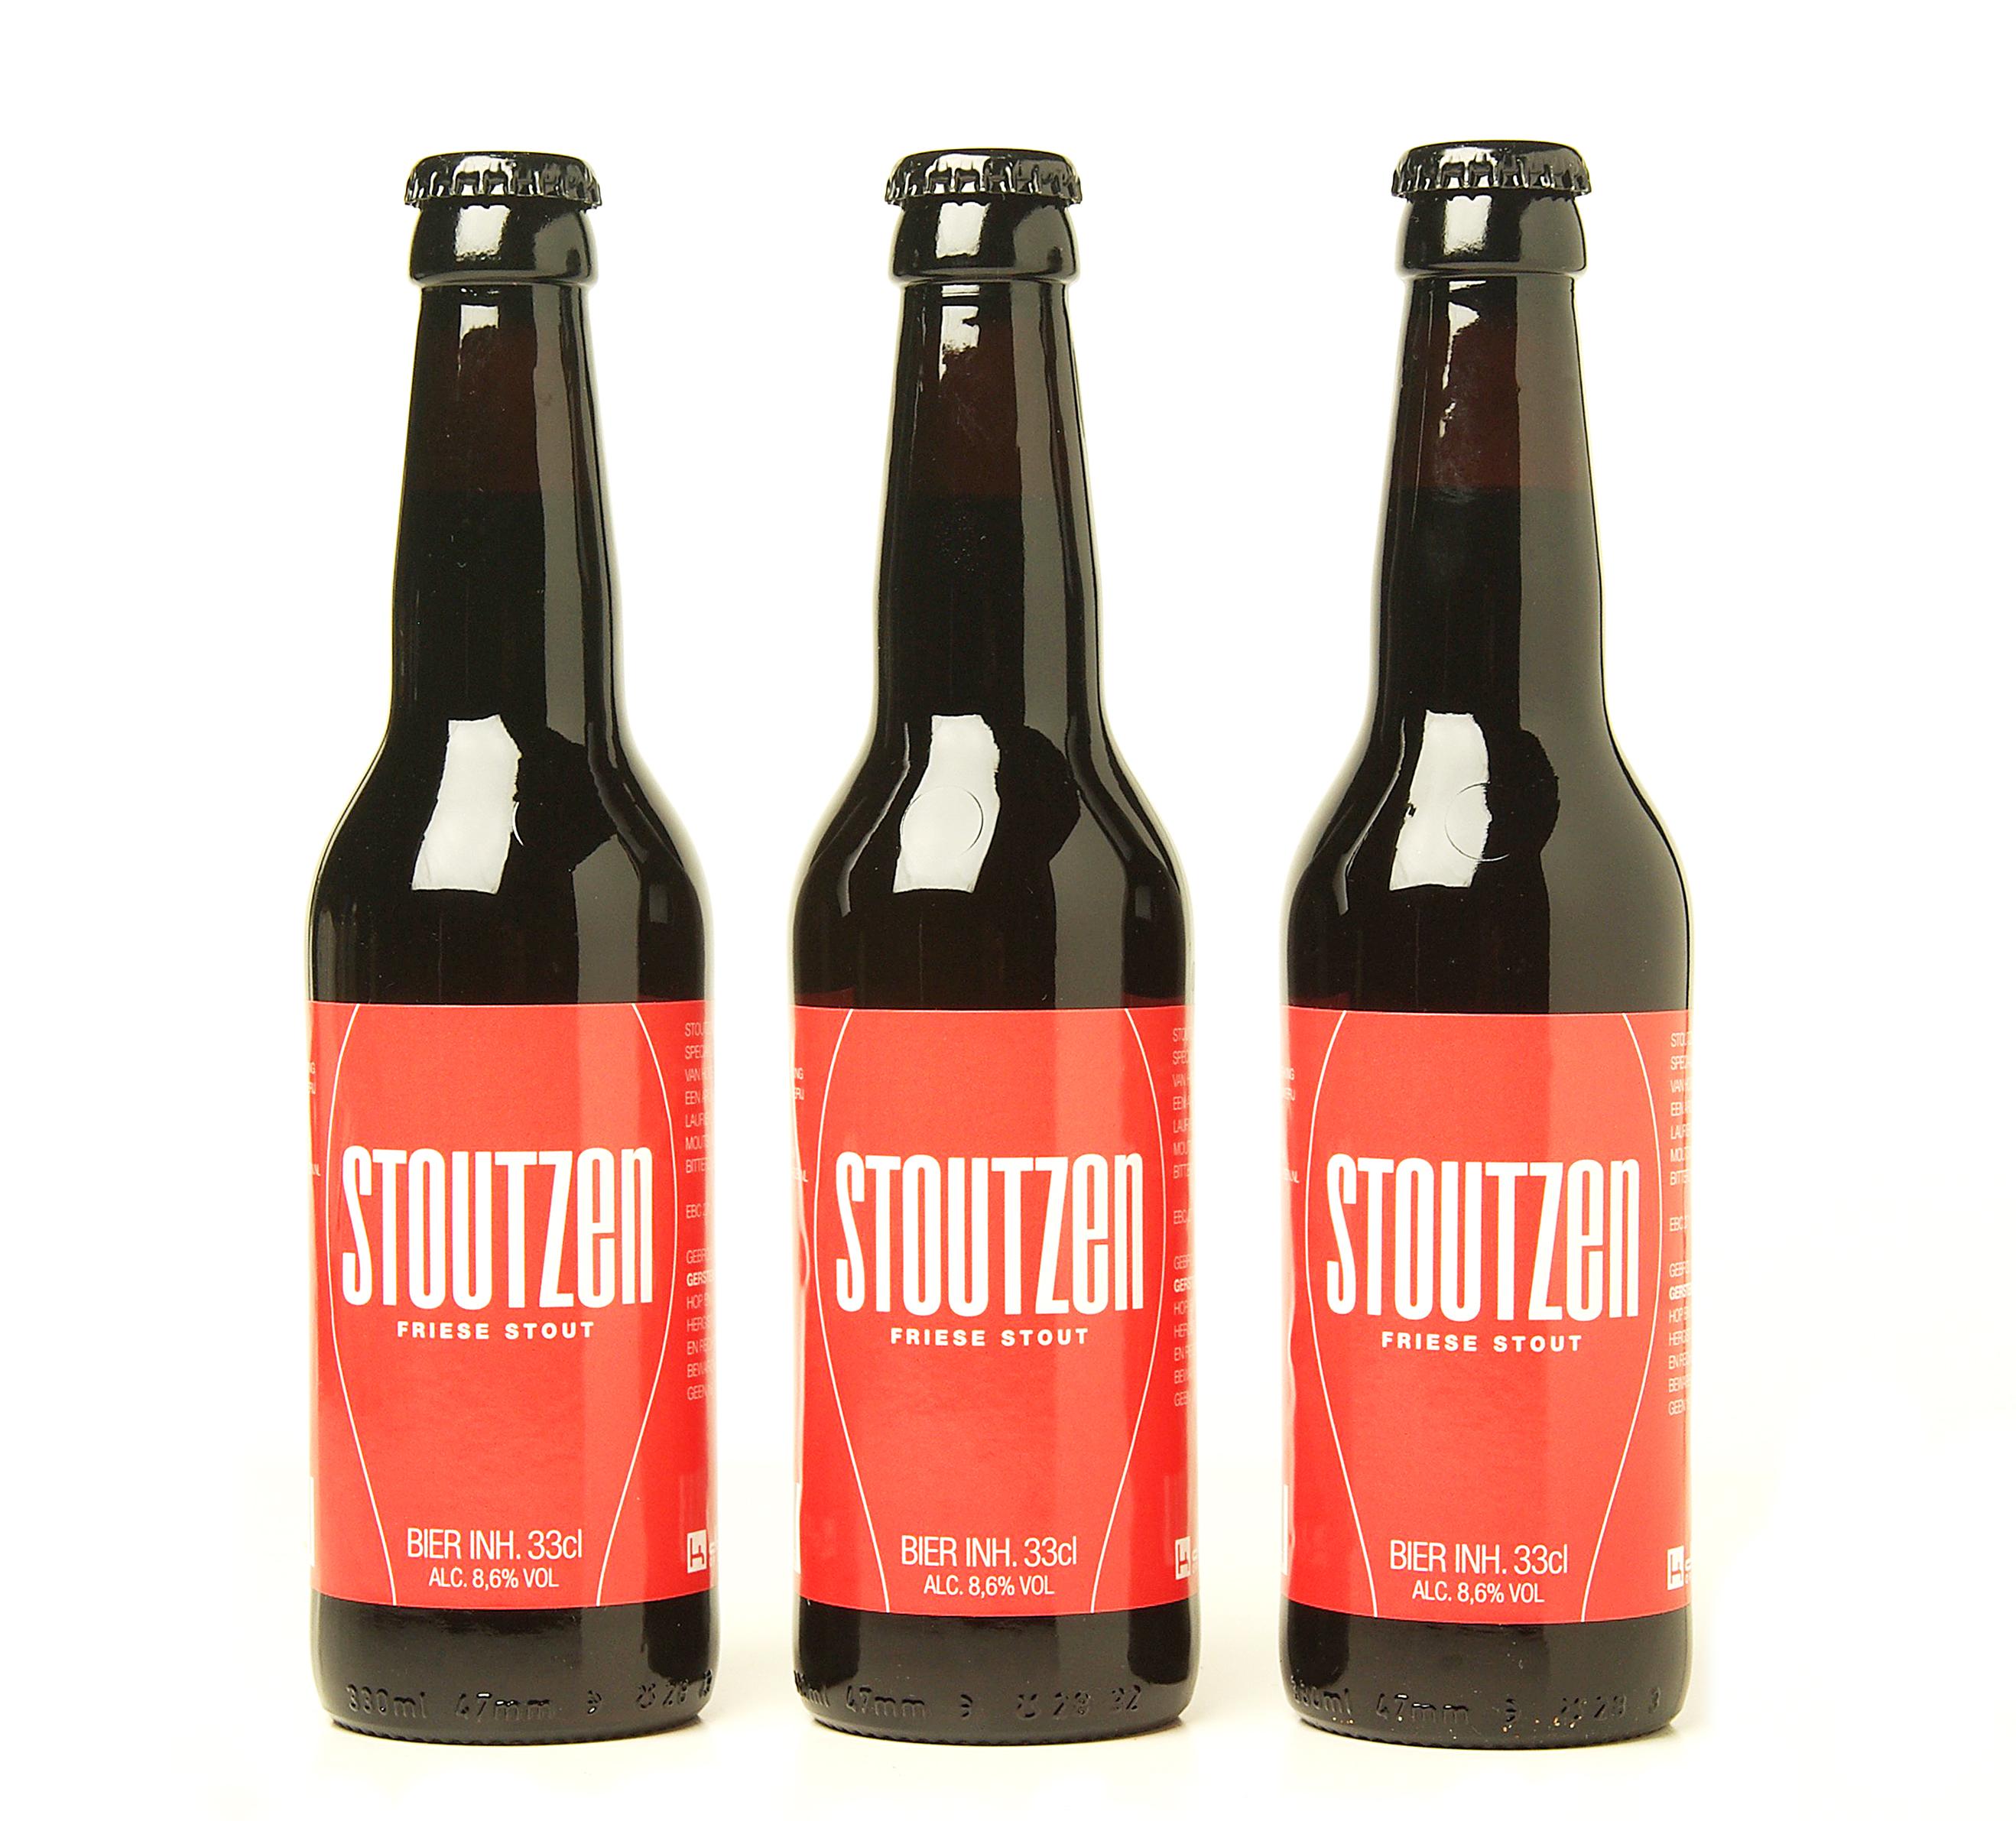 Stoutzen